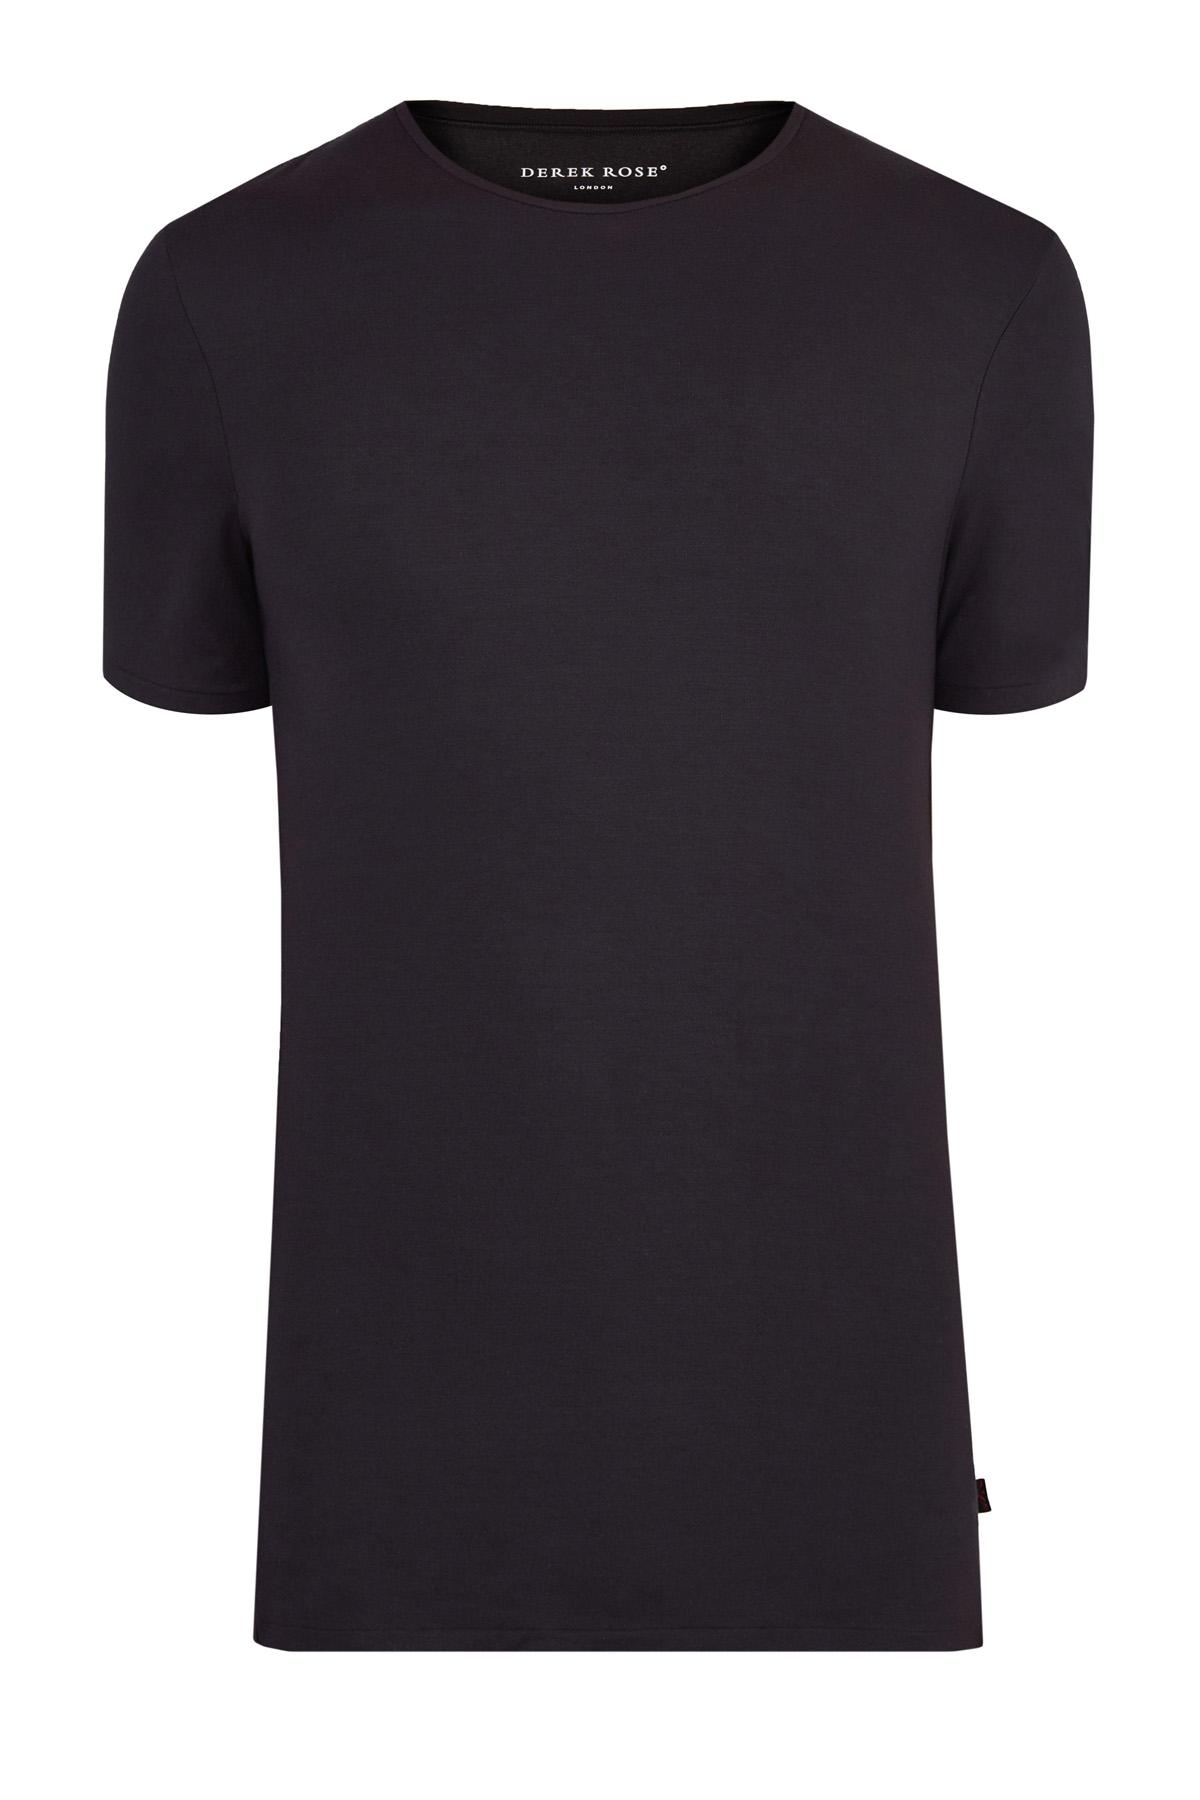 Купить со скидкой Черная хлопковая футболка с круглым вырезом